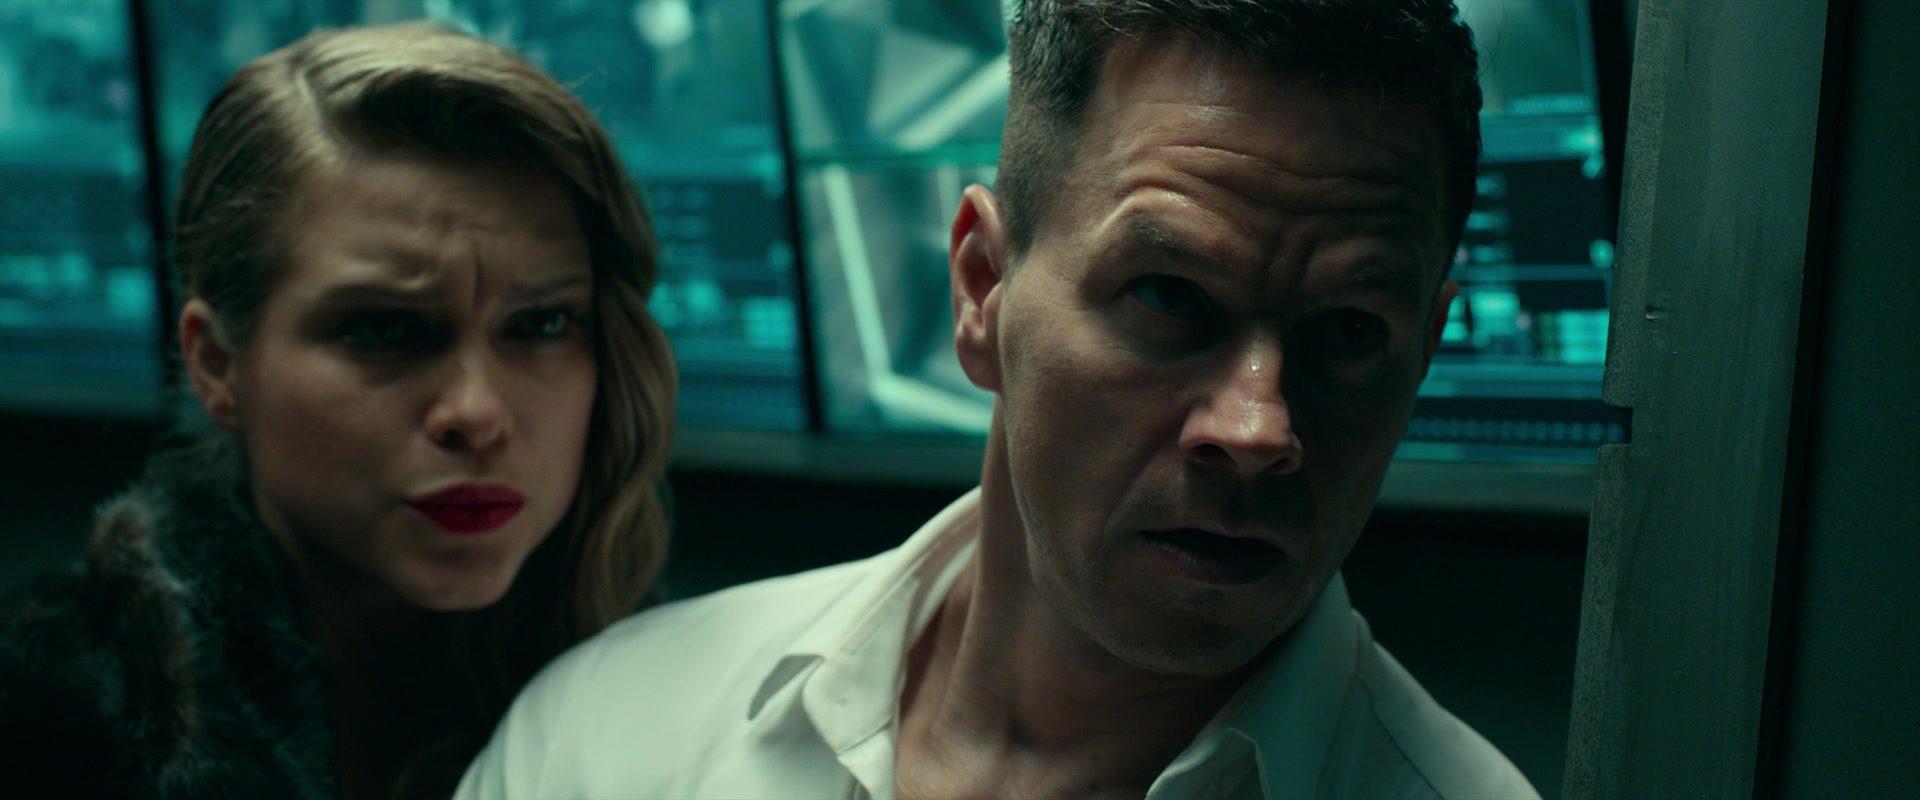 Infinite (2021). Película con Mark Wahlberg. Crítica - Martin Cid Magazine